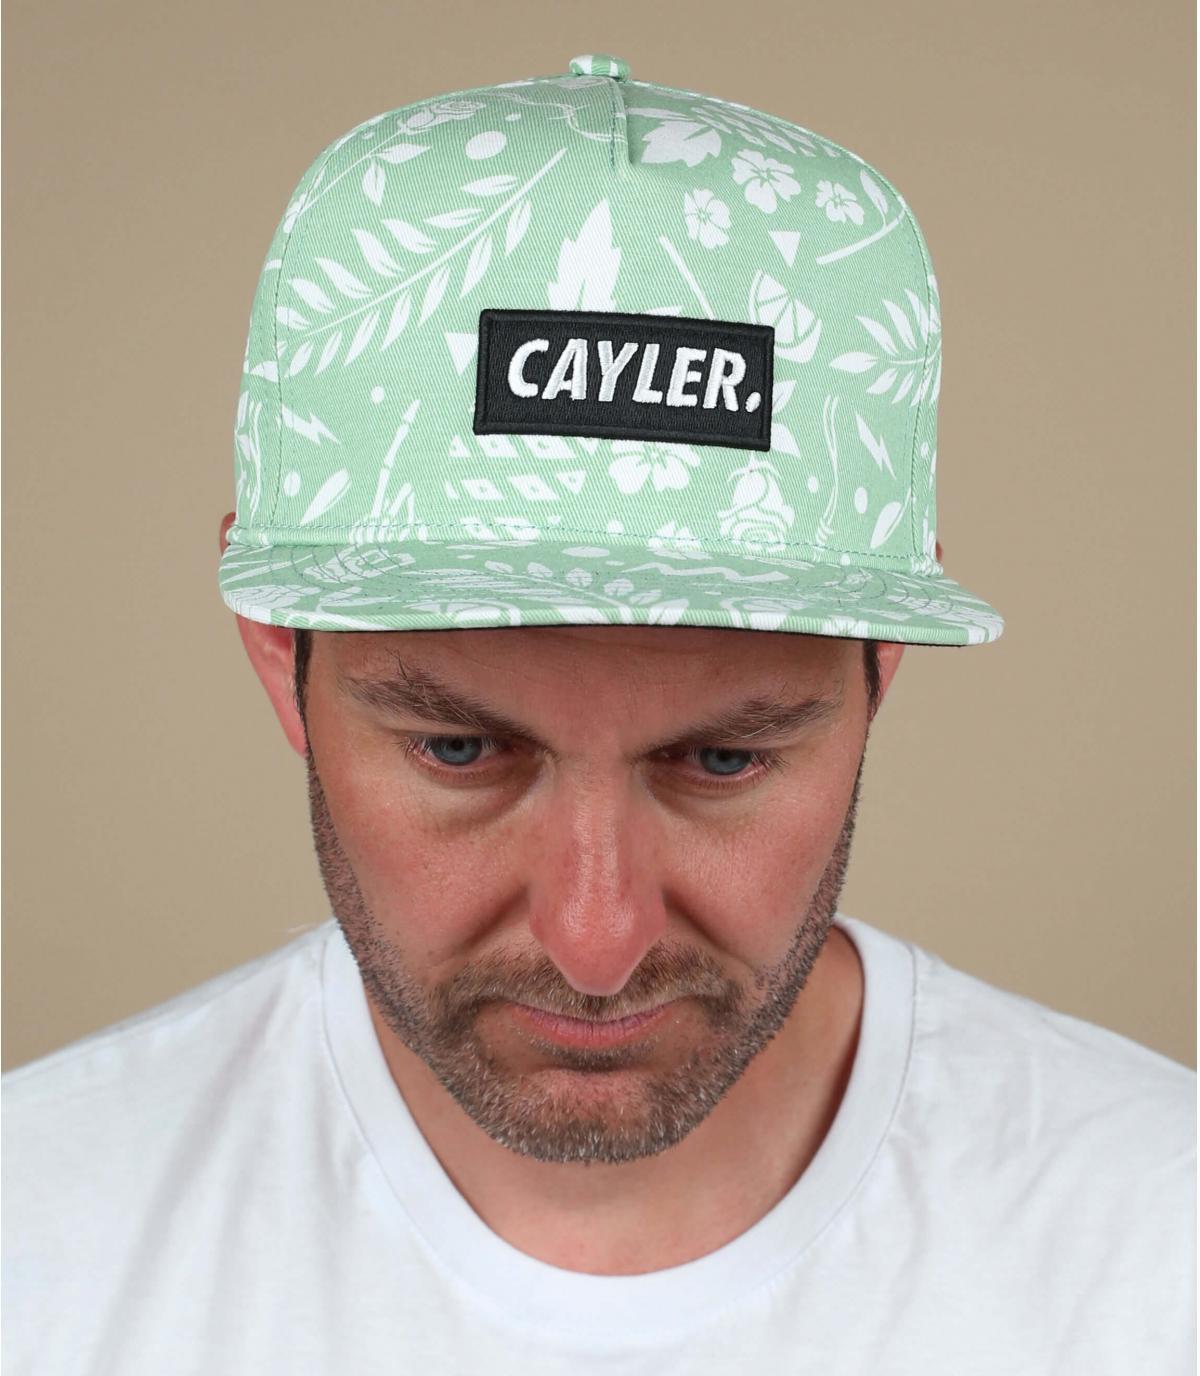 Cayler printed cap